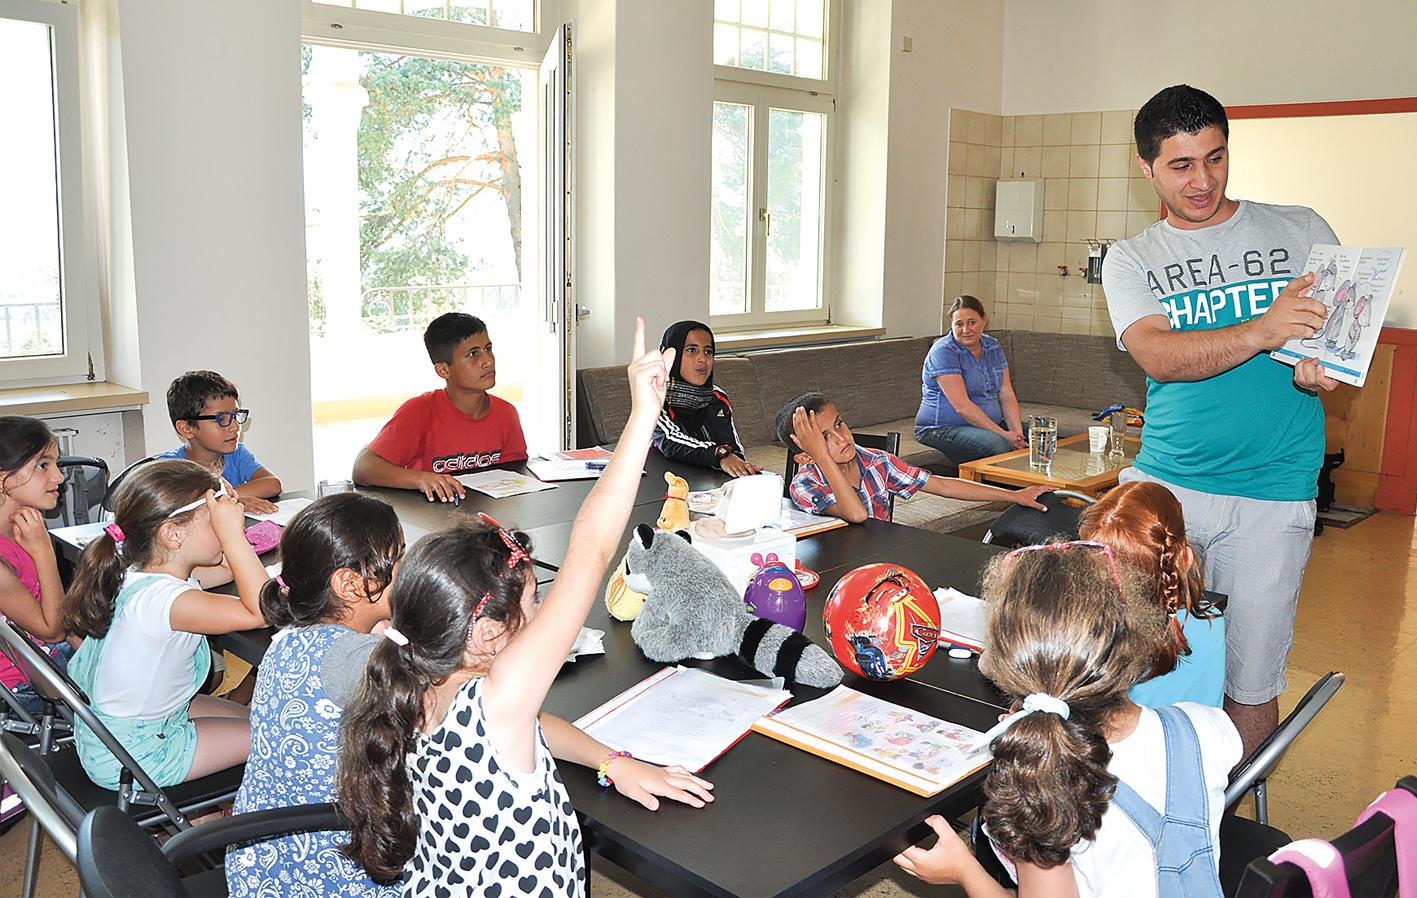 """In den Sommerferien gab Mohamed über Vermittlung der Regionalstelle für Integration der Walgaugemeinden und des Sozialsprengels Bludenz 14 Flüchtlingskindern Deutschunterricht. """"Die Sprache des Gastlandes zu beherrschen, ist die wichtigste Voraussetzung für Integration"""", so Mohamed."""